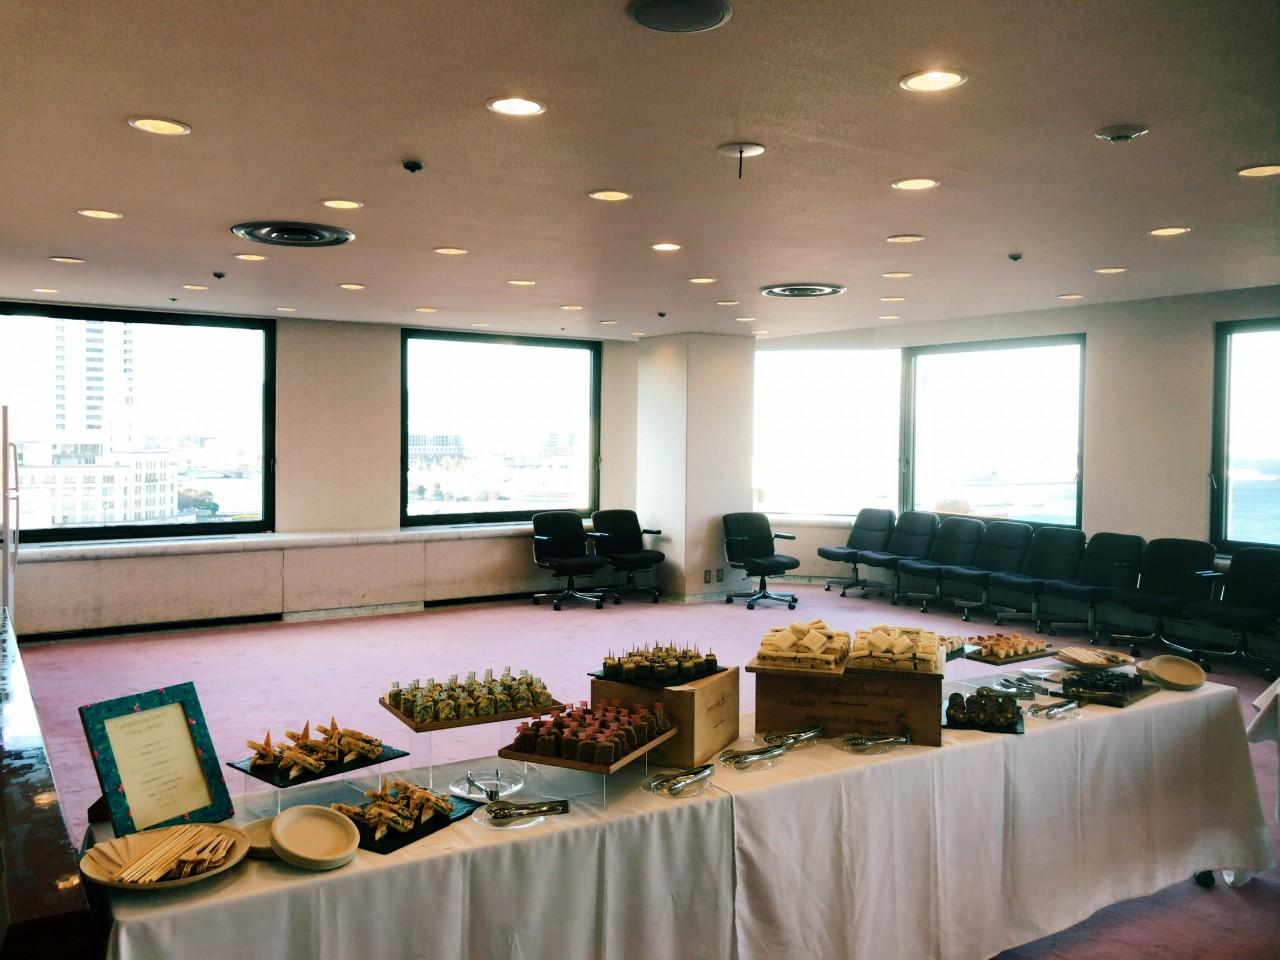 産業貿易センタービル横浜シンポジアケータリング